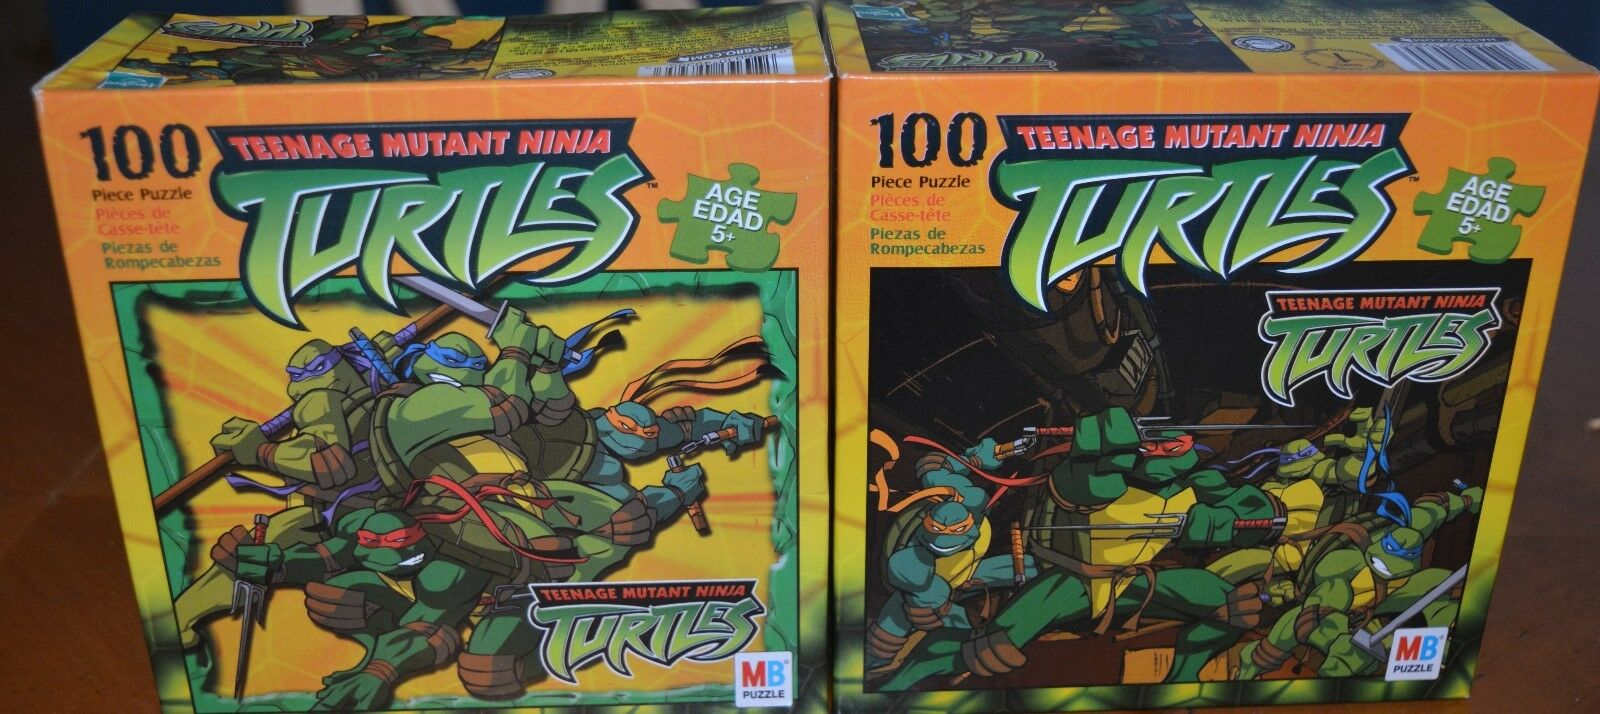 RARE PAIR OF NEW SEALED 2003 TEENAGE MUTANT NINJA TURTLES PUZZLES 100 PCS EACH